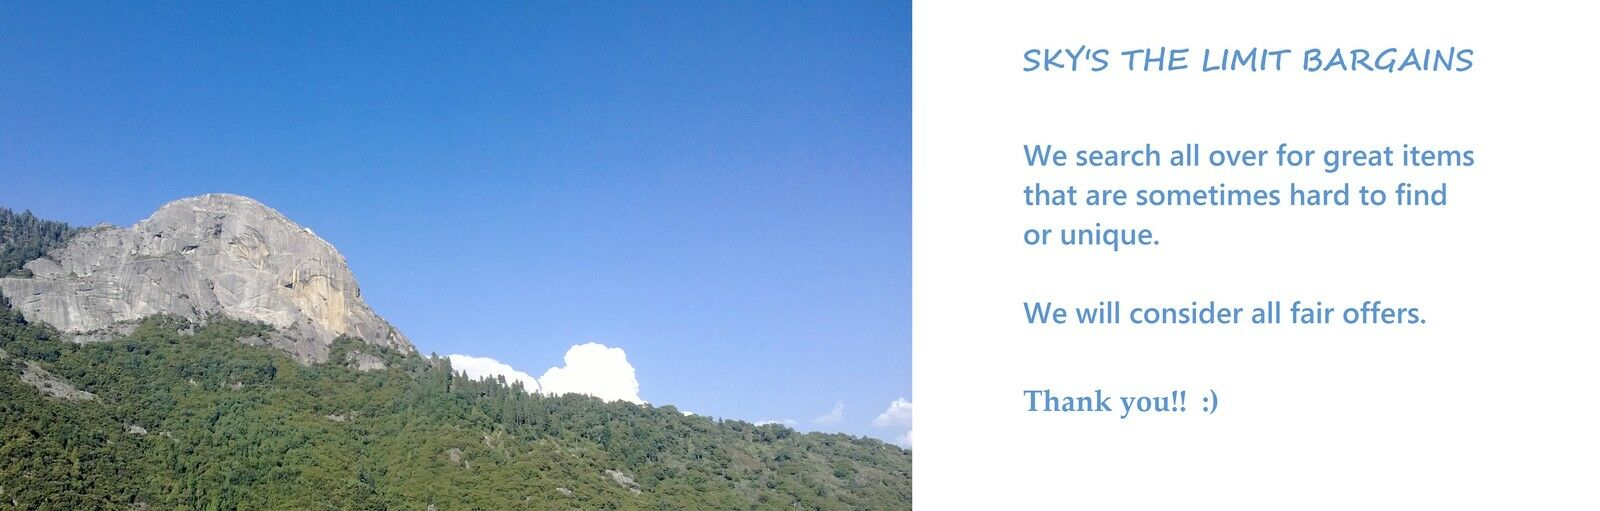 Sky's the Limit Bargains